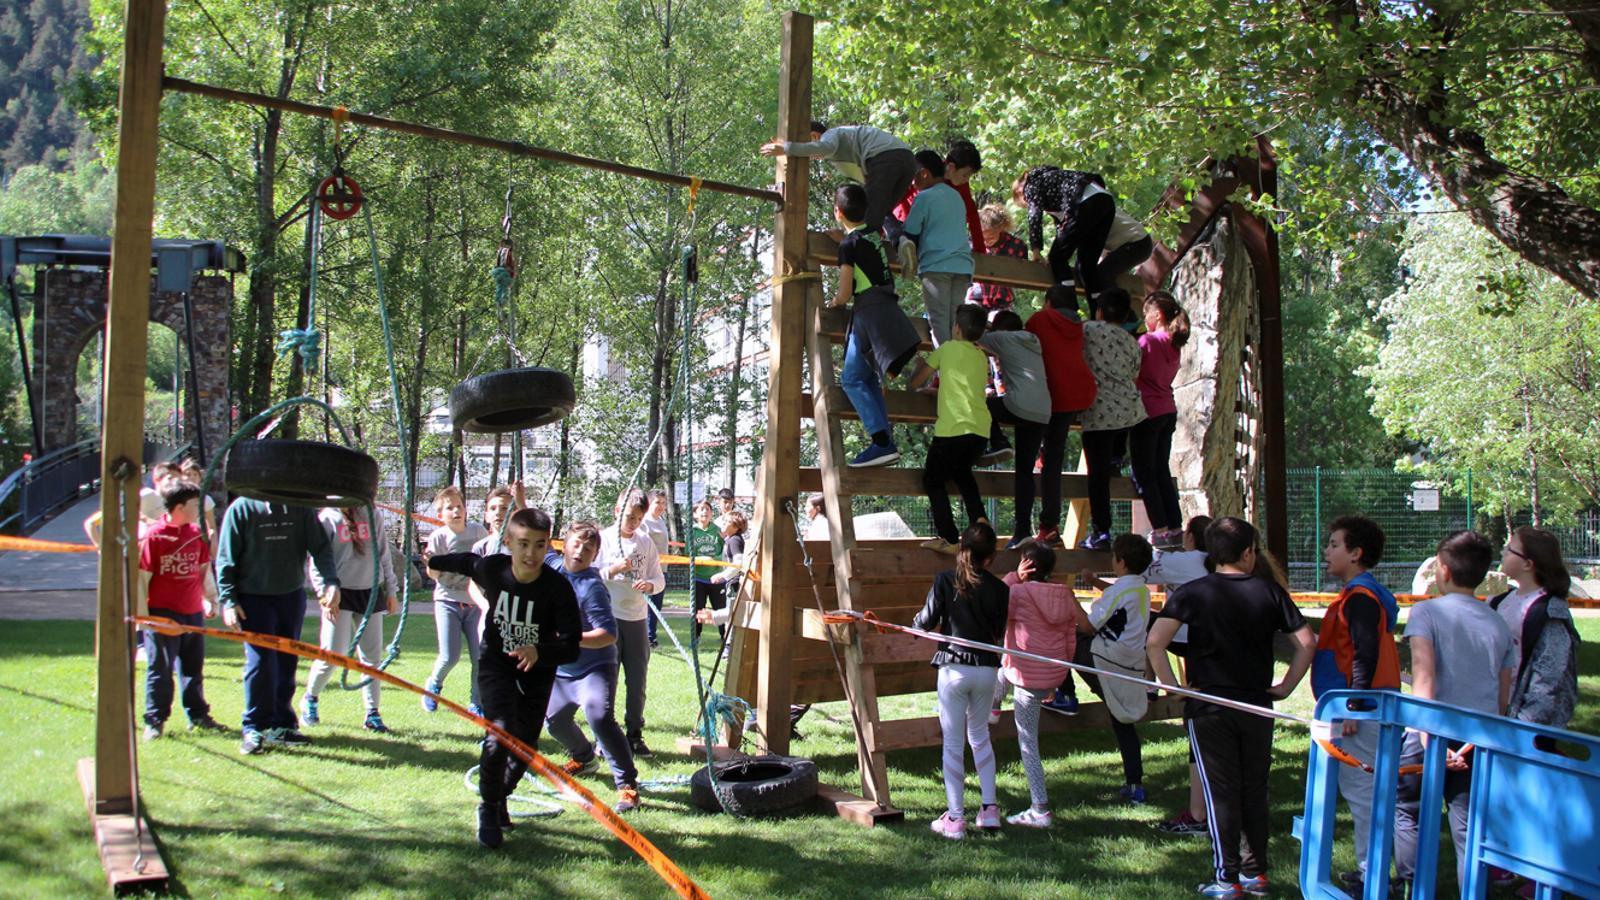 Els escolars d'Encamp superen els obstacles de l'Spartan Race Kids./ T.N. (ANA)